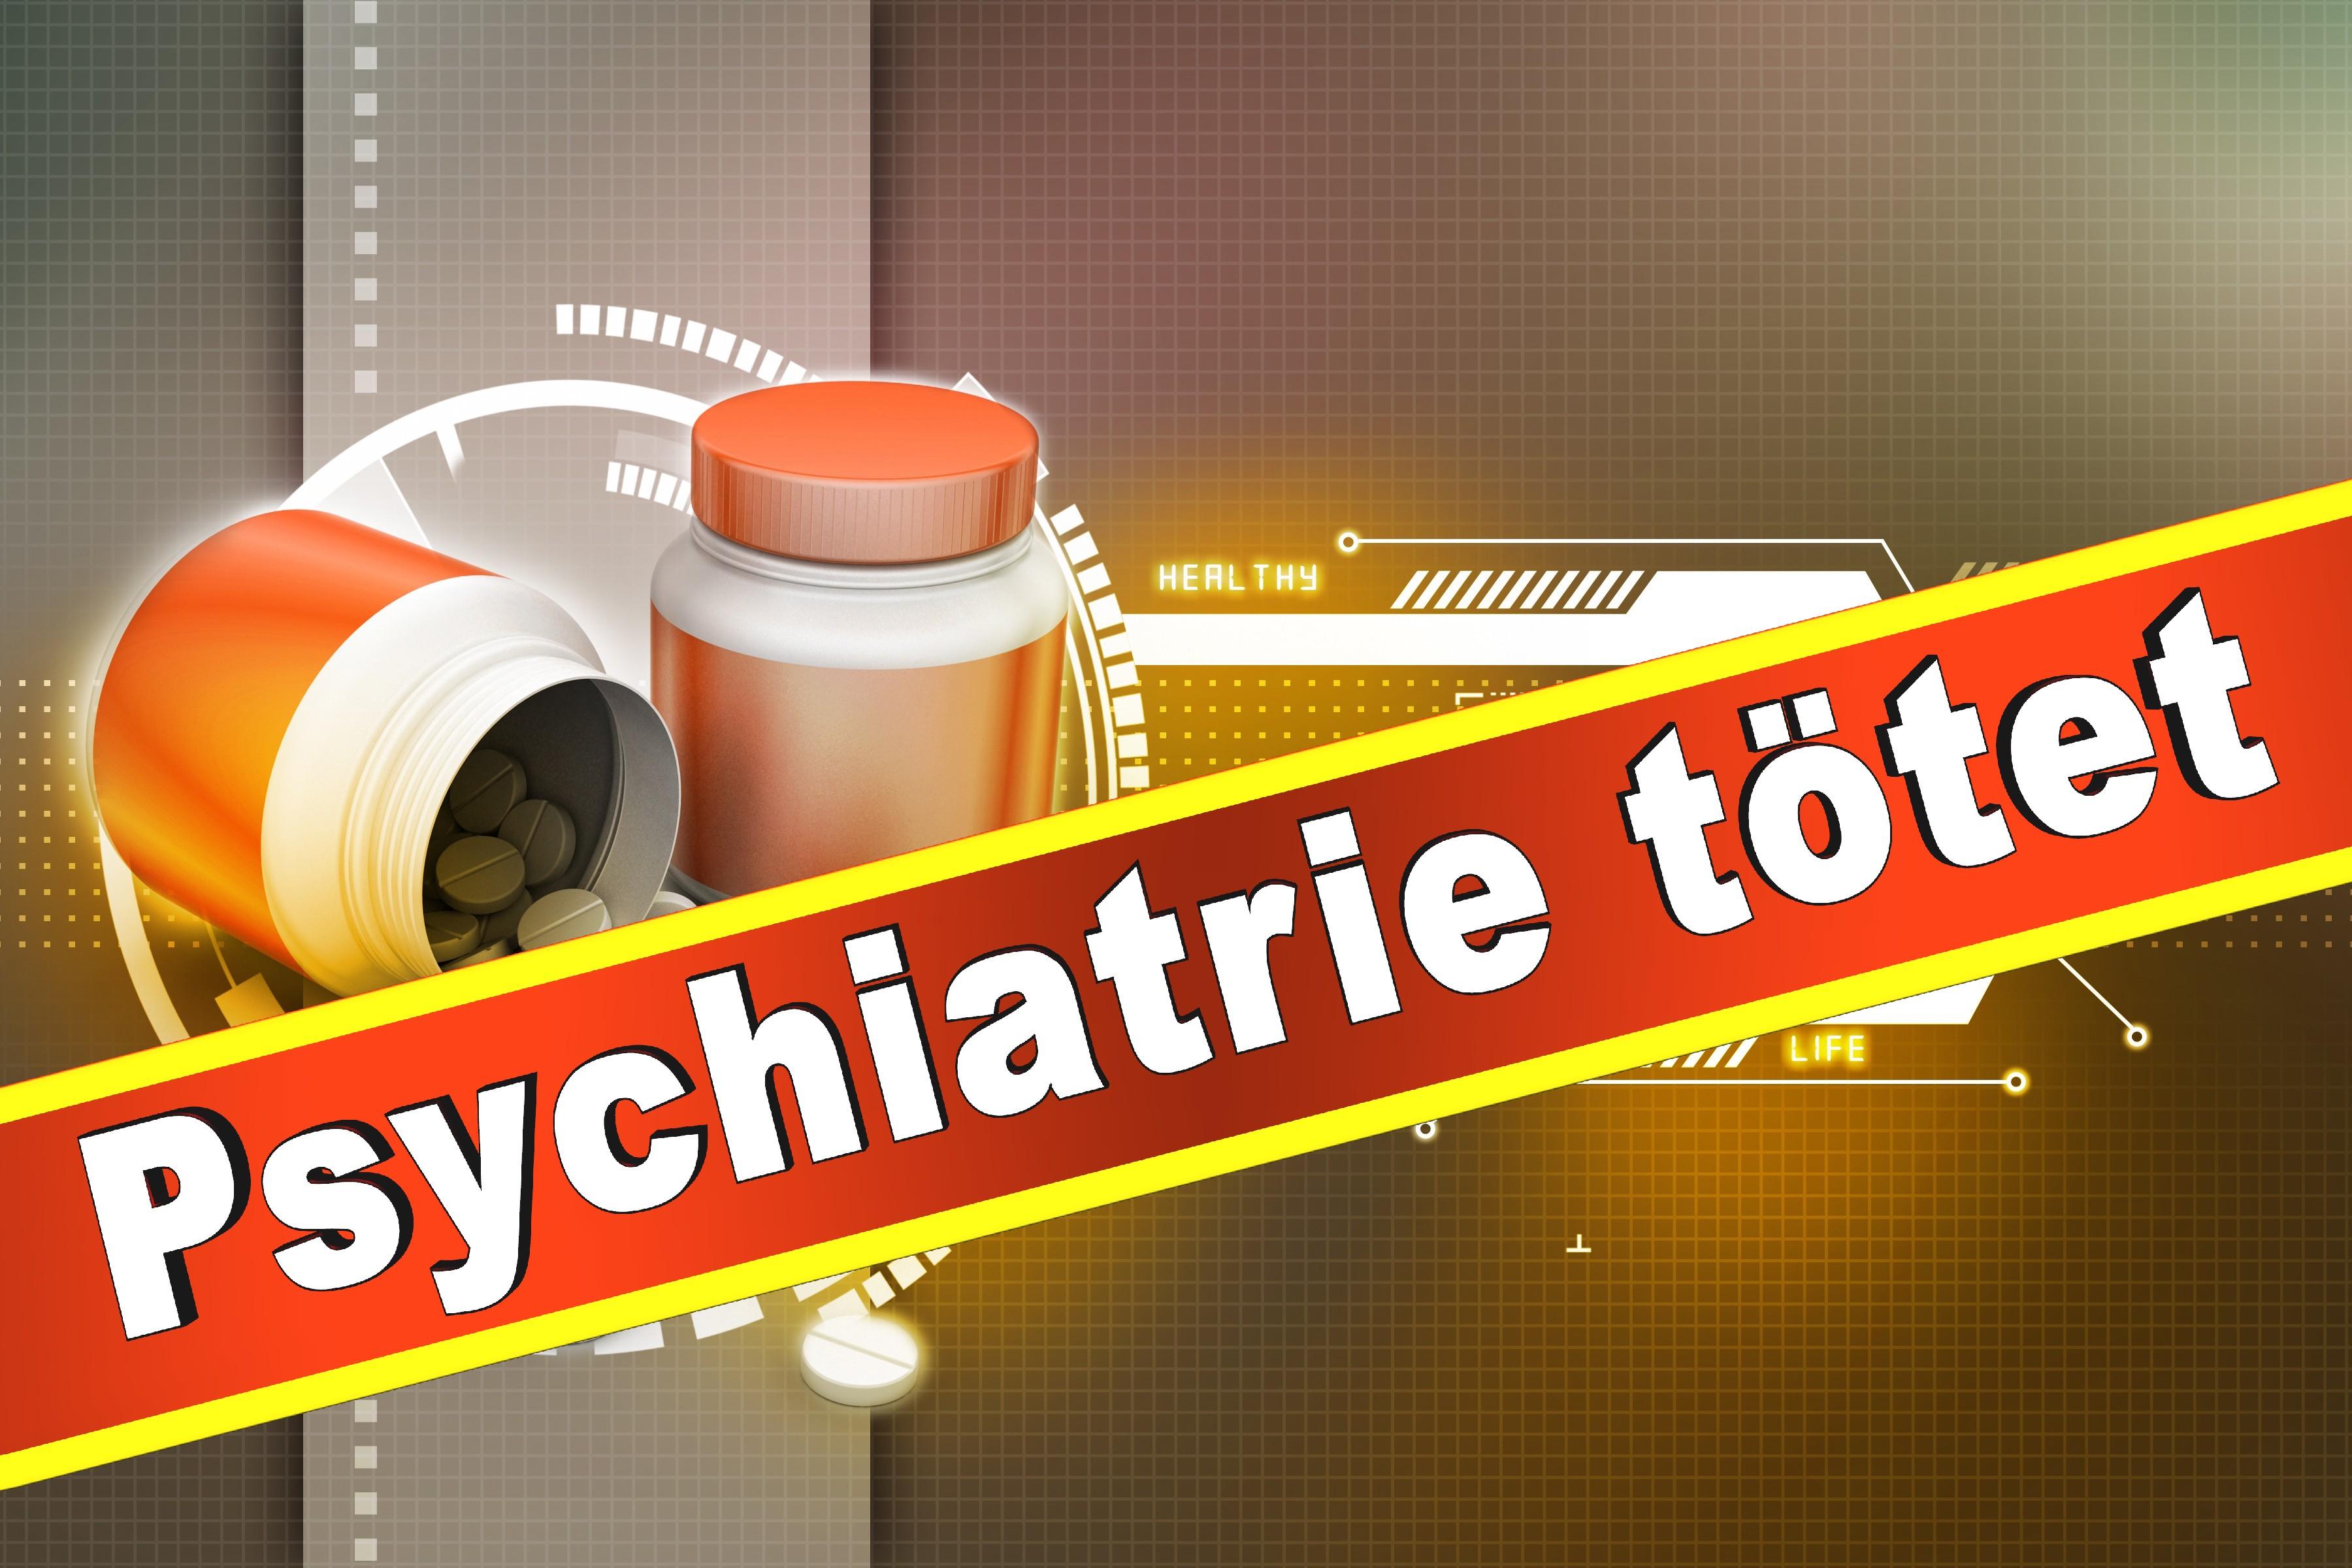 Wielant Machleidt Psychiater Psychotherapeut Professor Praxis Der Interkulturellen Psychiatrie Und Psychotherapie Medizinische Hochschule Hannover Klinik Für Psychiatrie Sozialpsychiatrie (21)